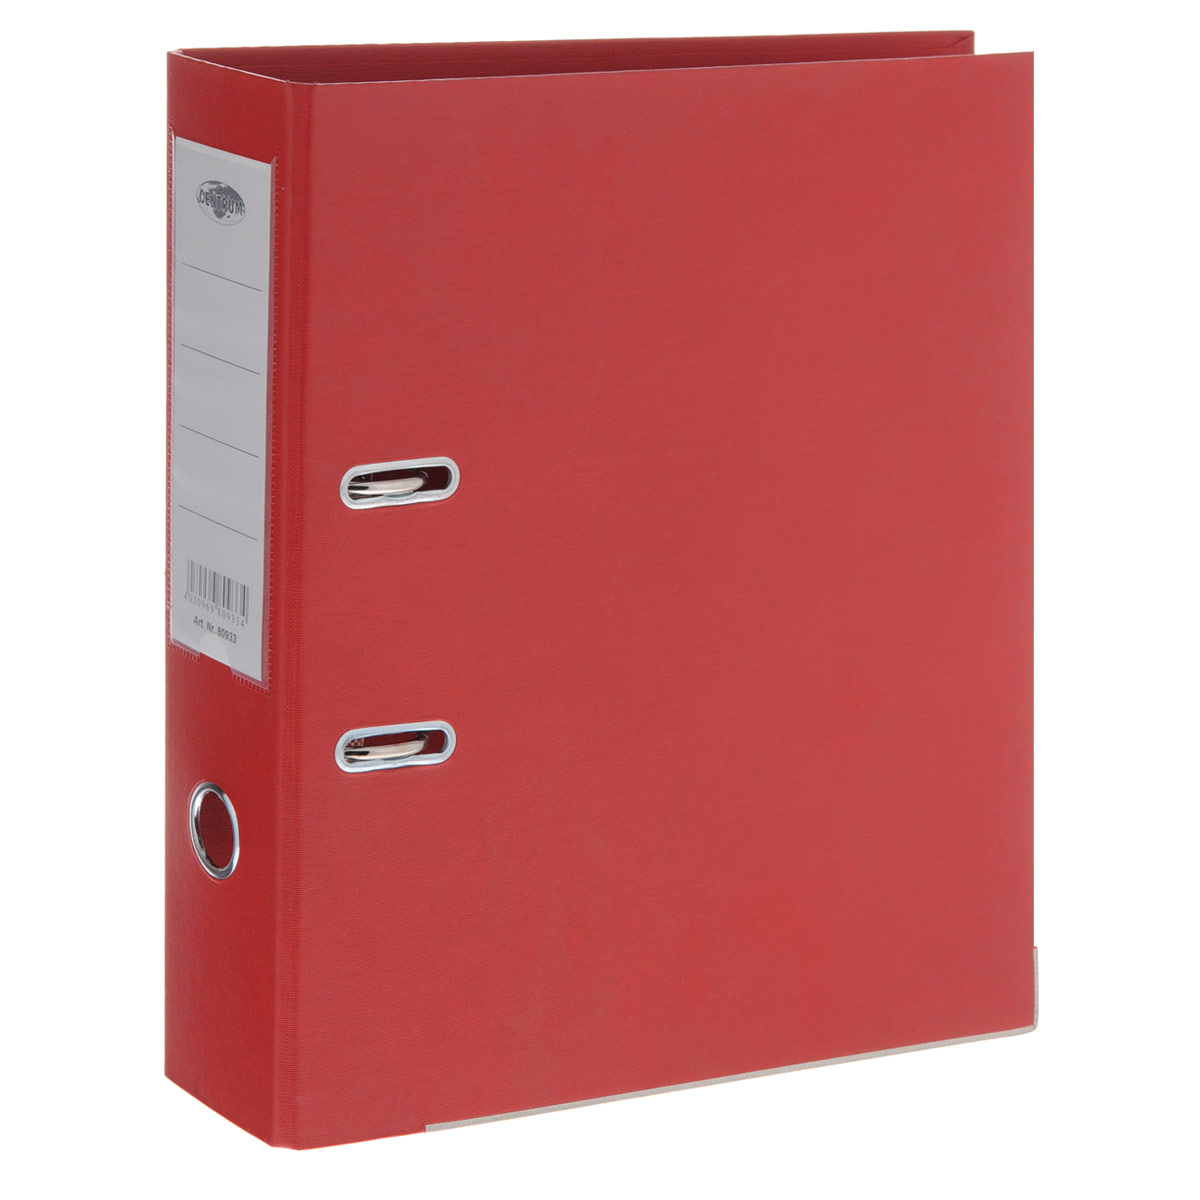 Папка-регистратор Centrum, ширина корешка 75 мм, цвет: красныйПР4_10641Папка-регистратор Centrum пригодится в каждом офисе и доме для хранения больших объемов документов. Внешняя сторона папки выполнена из плотного картона с двусторонним ПВХ-покрытием, что обеспечивает устойчивость к влаге и износу. Нижняя кромка папки защищена от истирания металлической окантовкой. Папка-регистратор оснащена надежным арочным механизмом крепления бумаги. Круглое отверстие в корешке папки облегчит ее извлечение с полки, а прозрачный карман со съемной этикеткой позволяет маркировать содержимое. Ширина корешка 7,5 см.